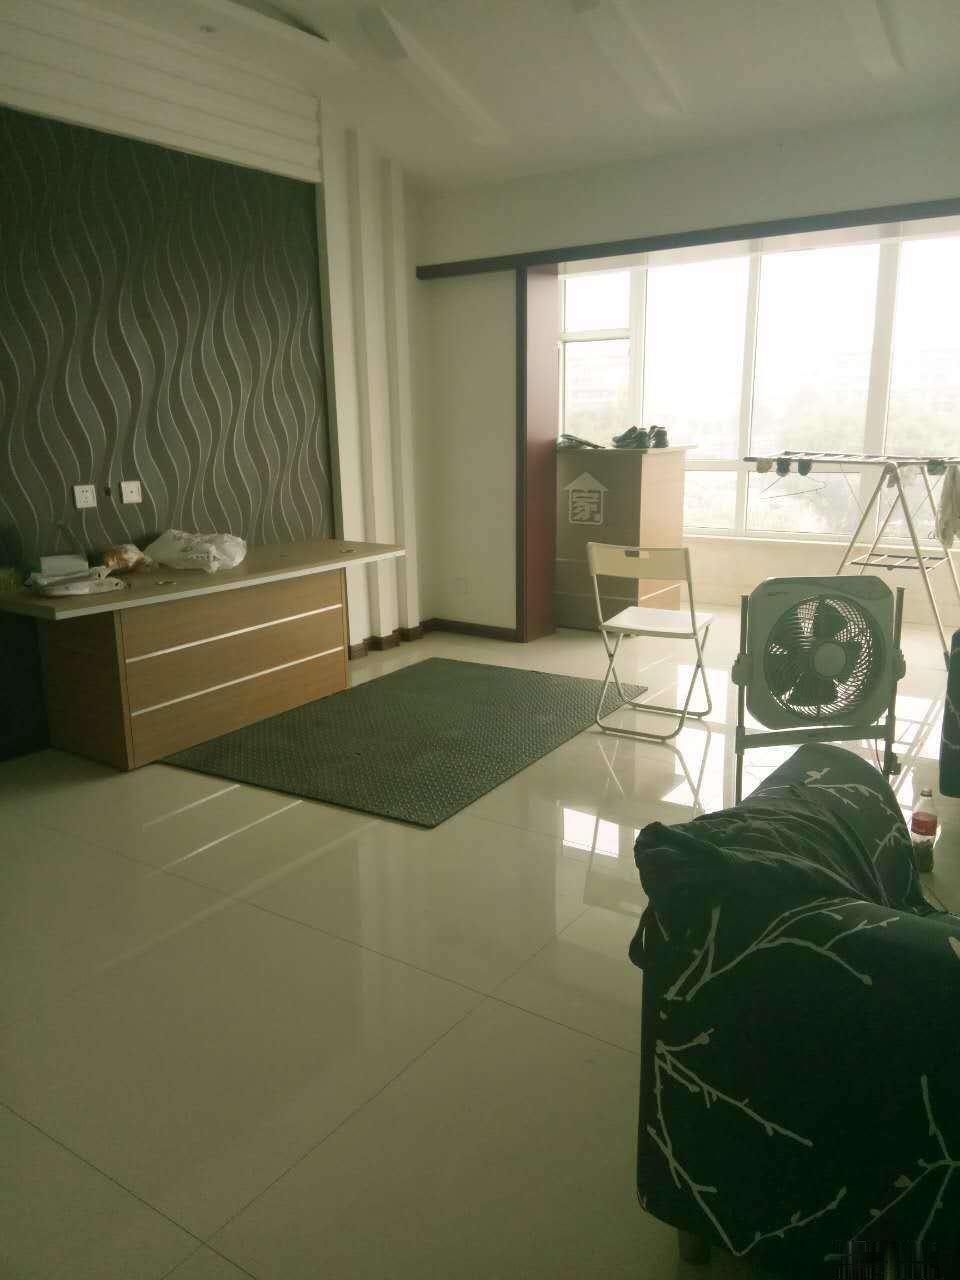 居然之家对面,和谐新区 56万 3室2厅1卫 带车位带地